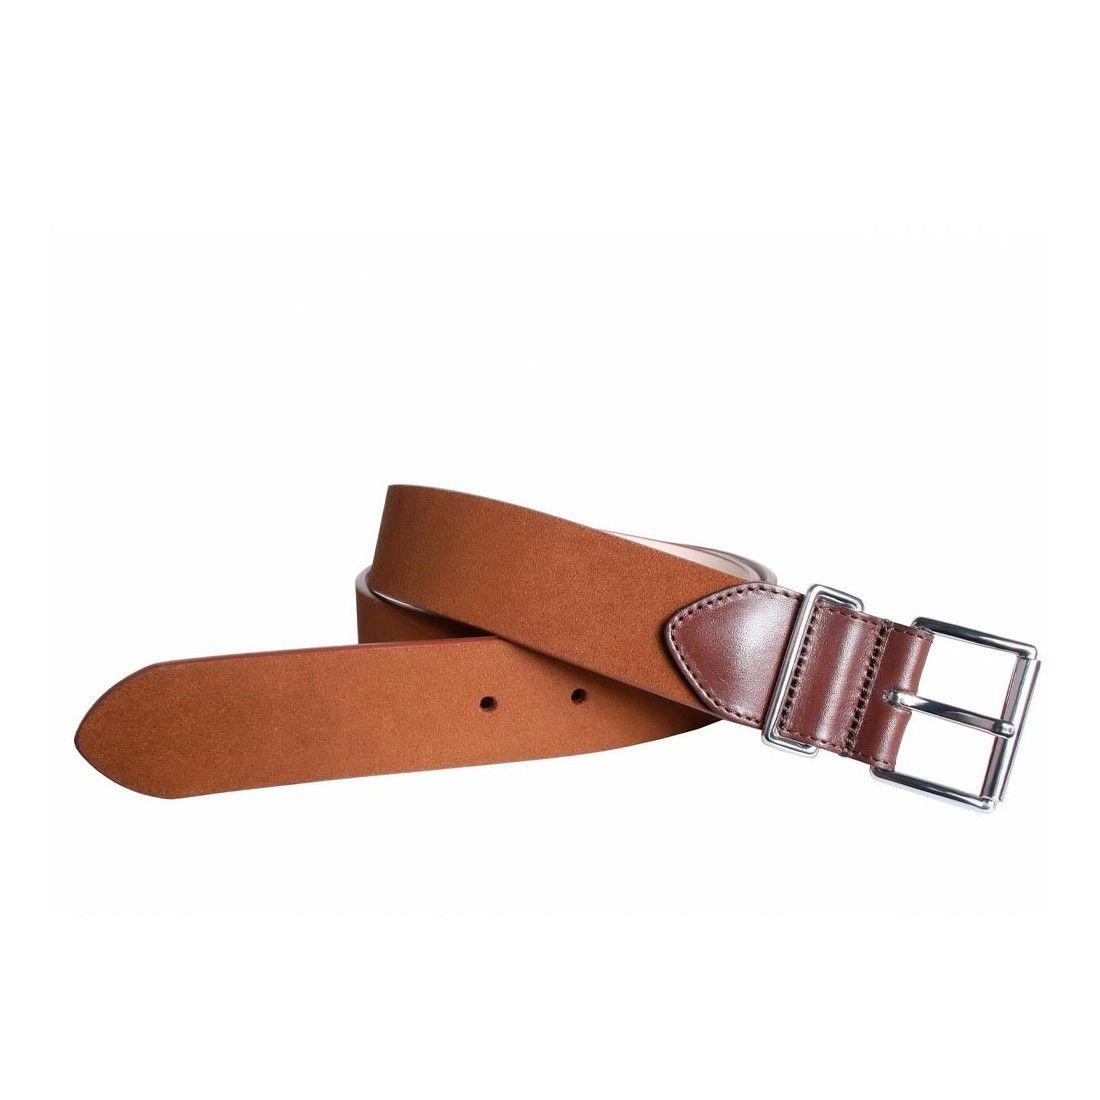 Cinturón Mod. 11337 - Possum - 1